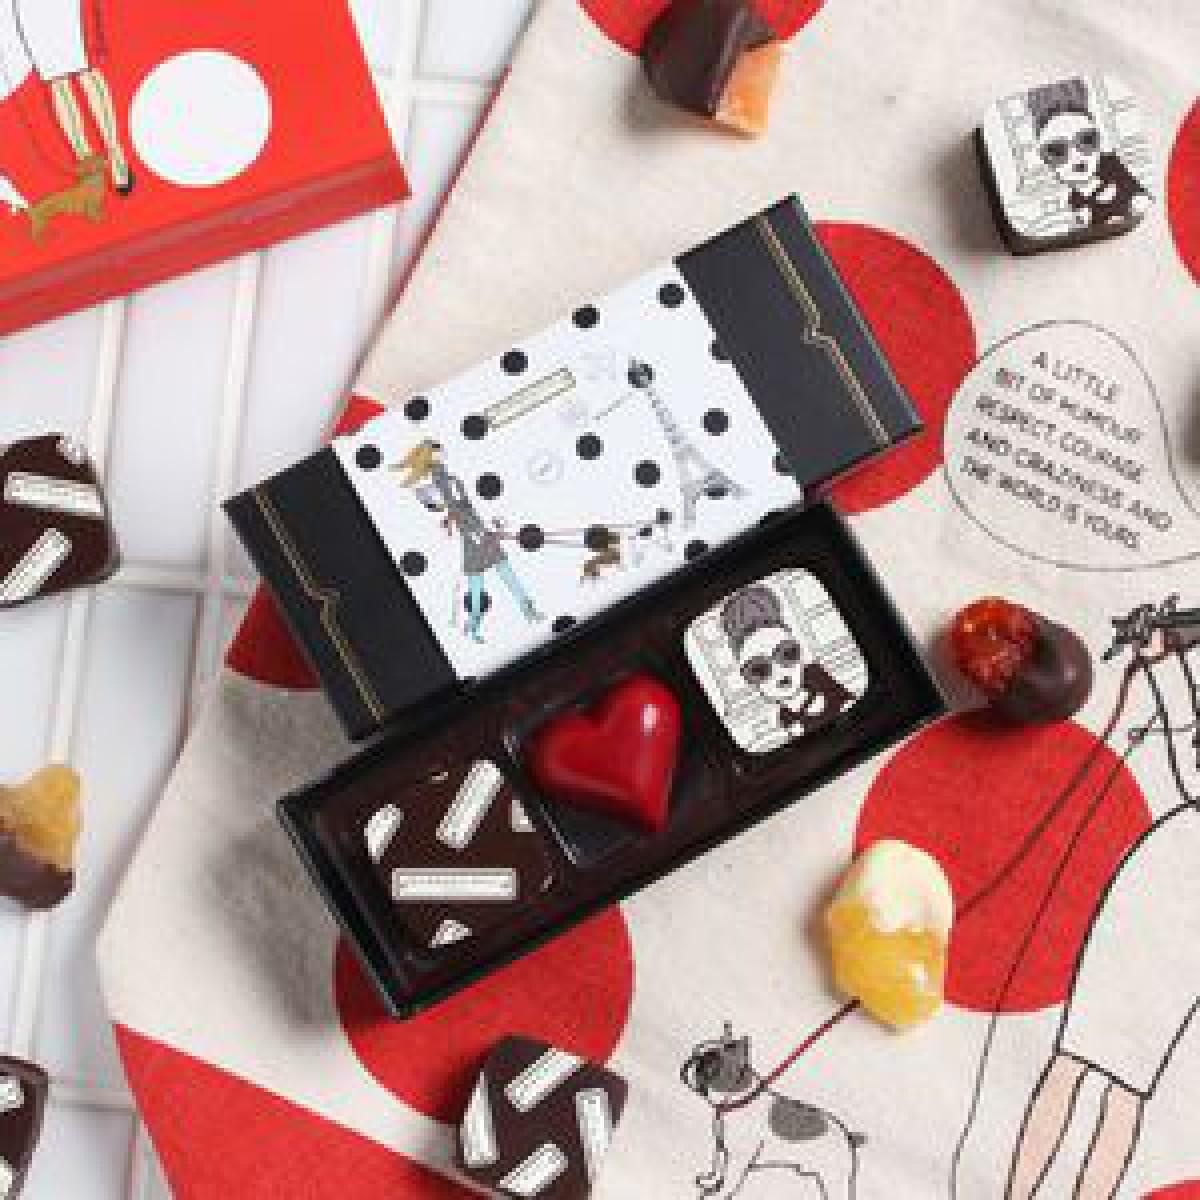 LA発チョコレート「コンパーテス」×「VIA BUS STOP」バレンタイン限定商品を発売